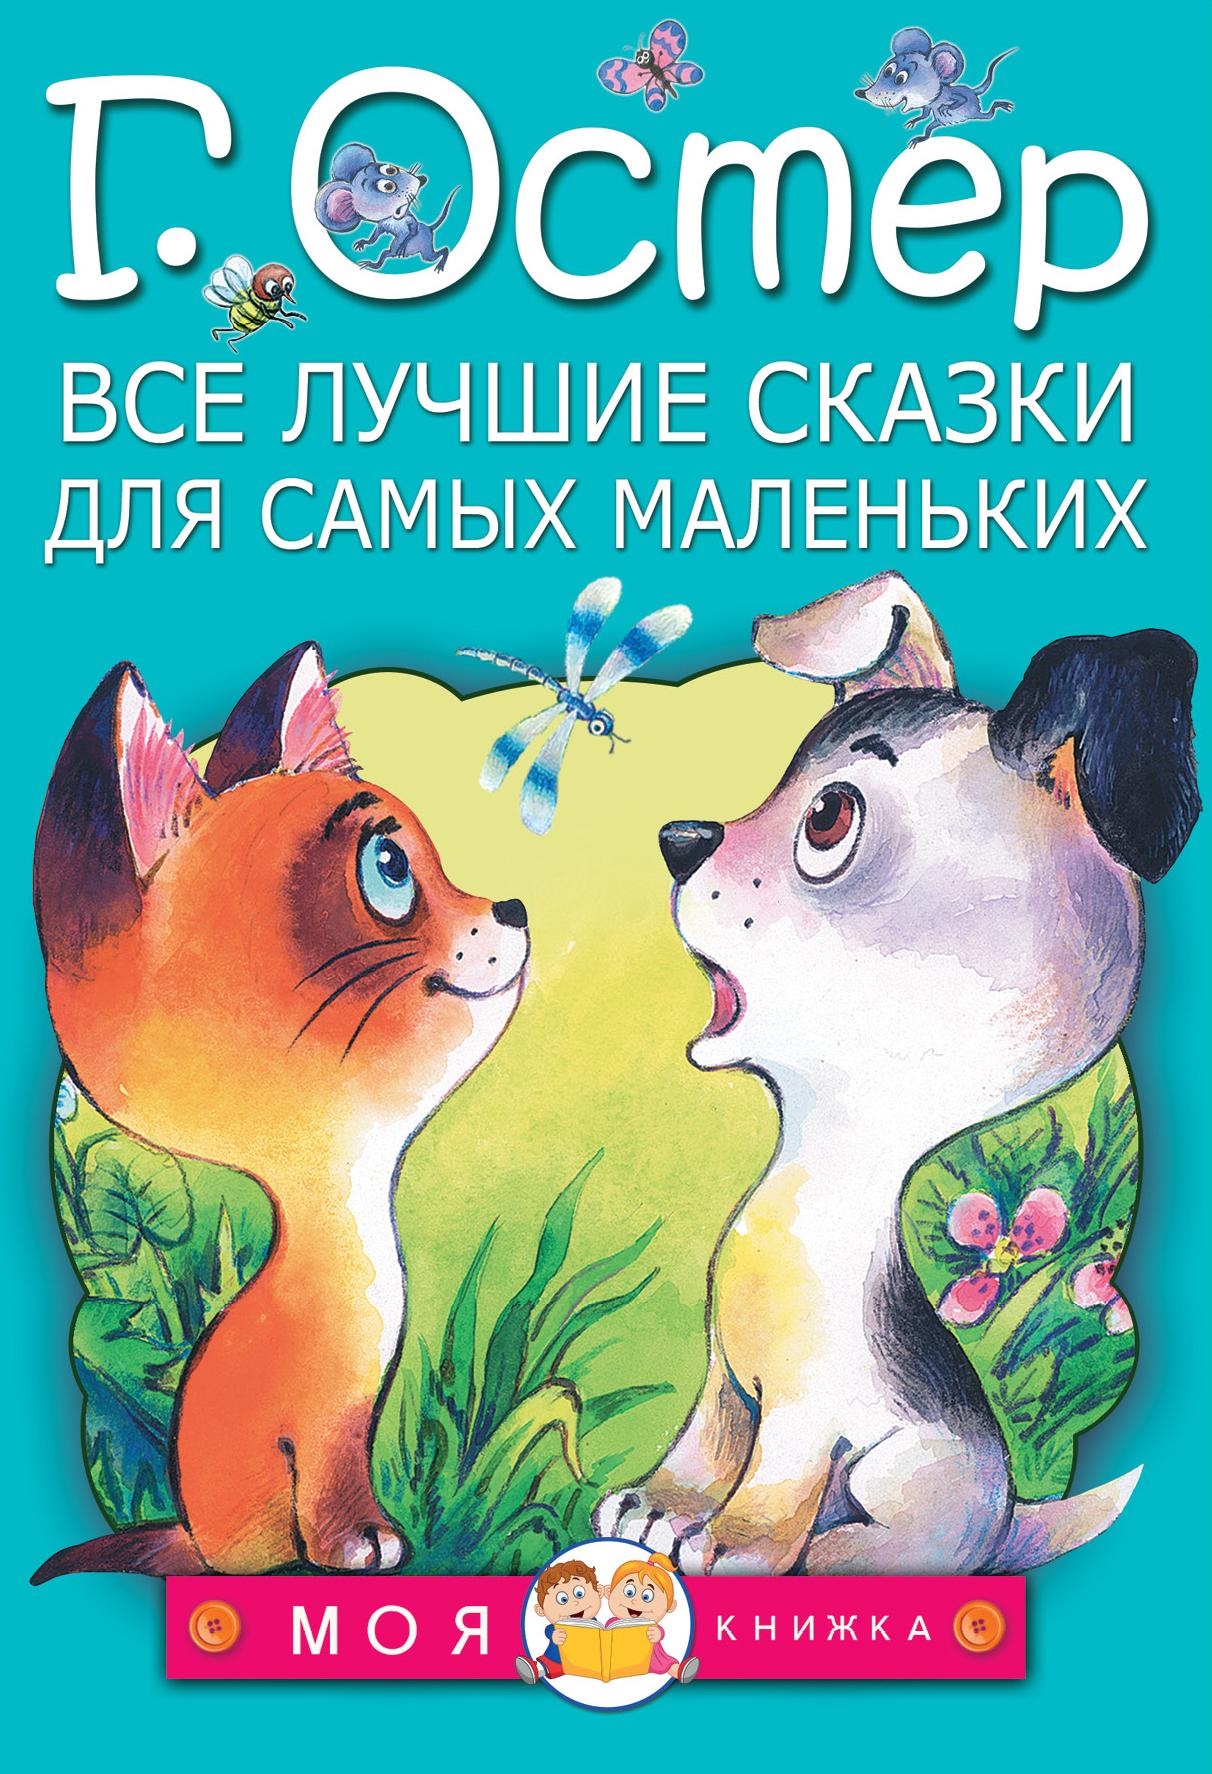 Остер Г.Б. Все лучшие сказки для самых маленьких книжки для самых маленьких сказки для самых маленьких